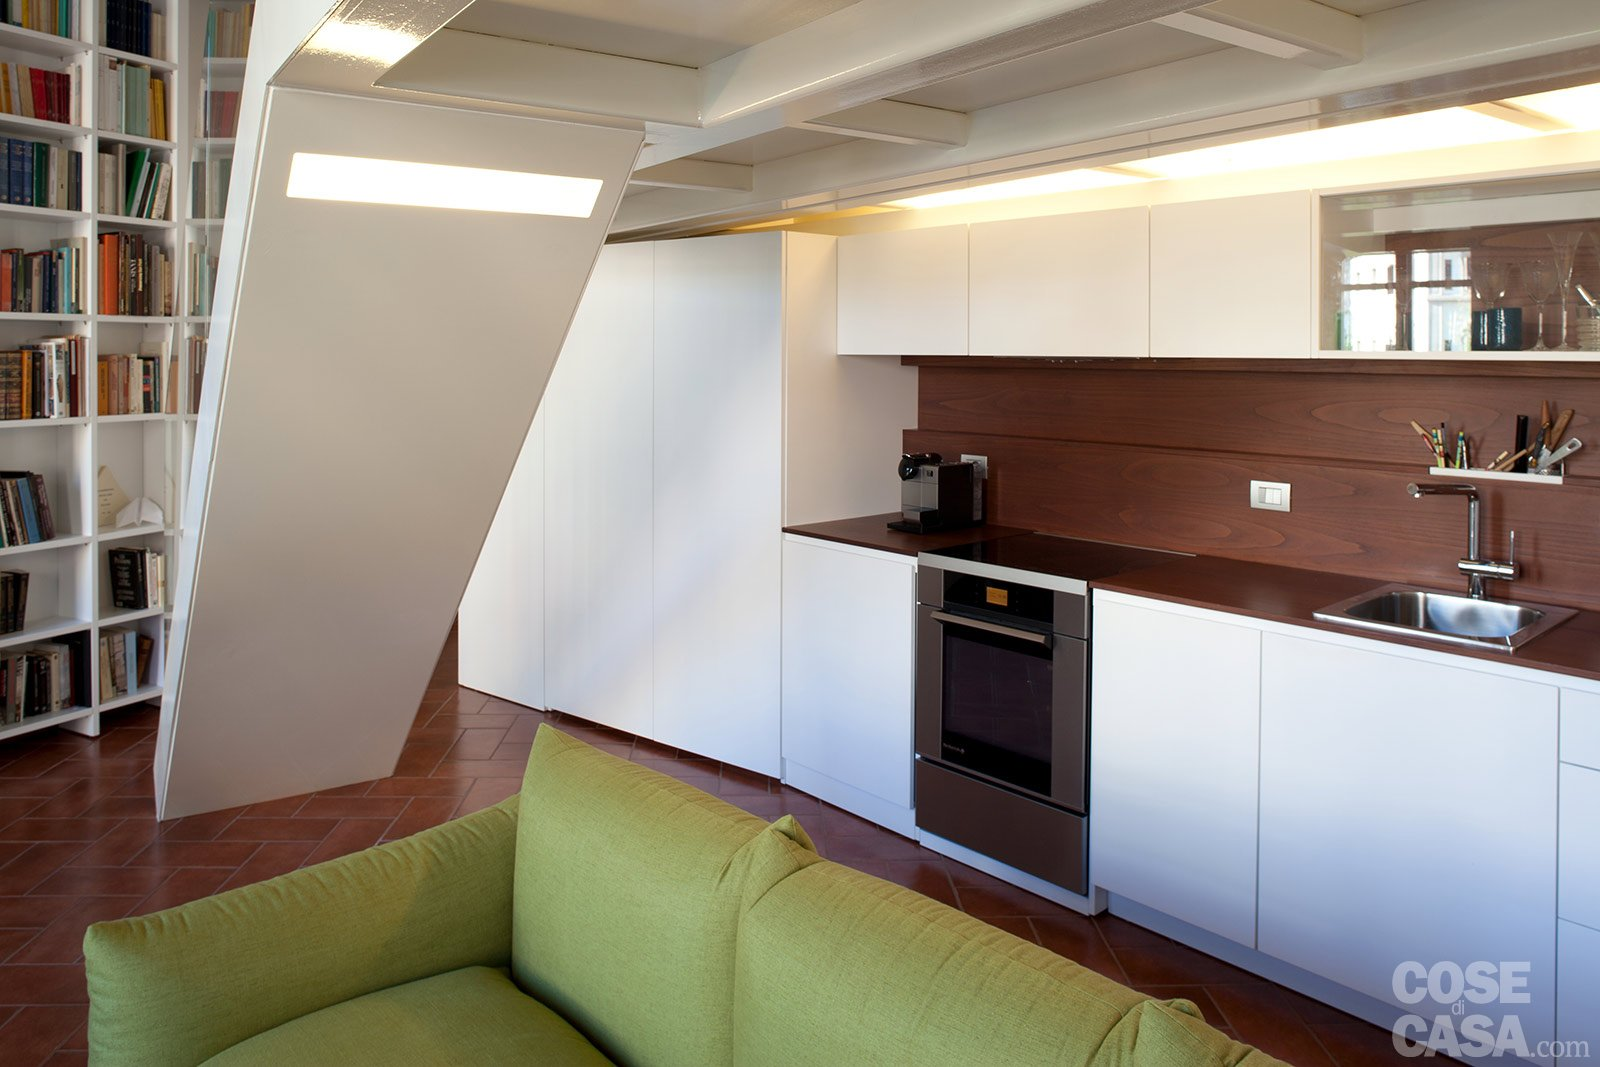 Un monolocale ampliato in altezza cose di casa for Piani di casa con stanze nascoste